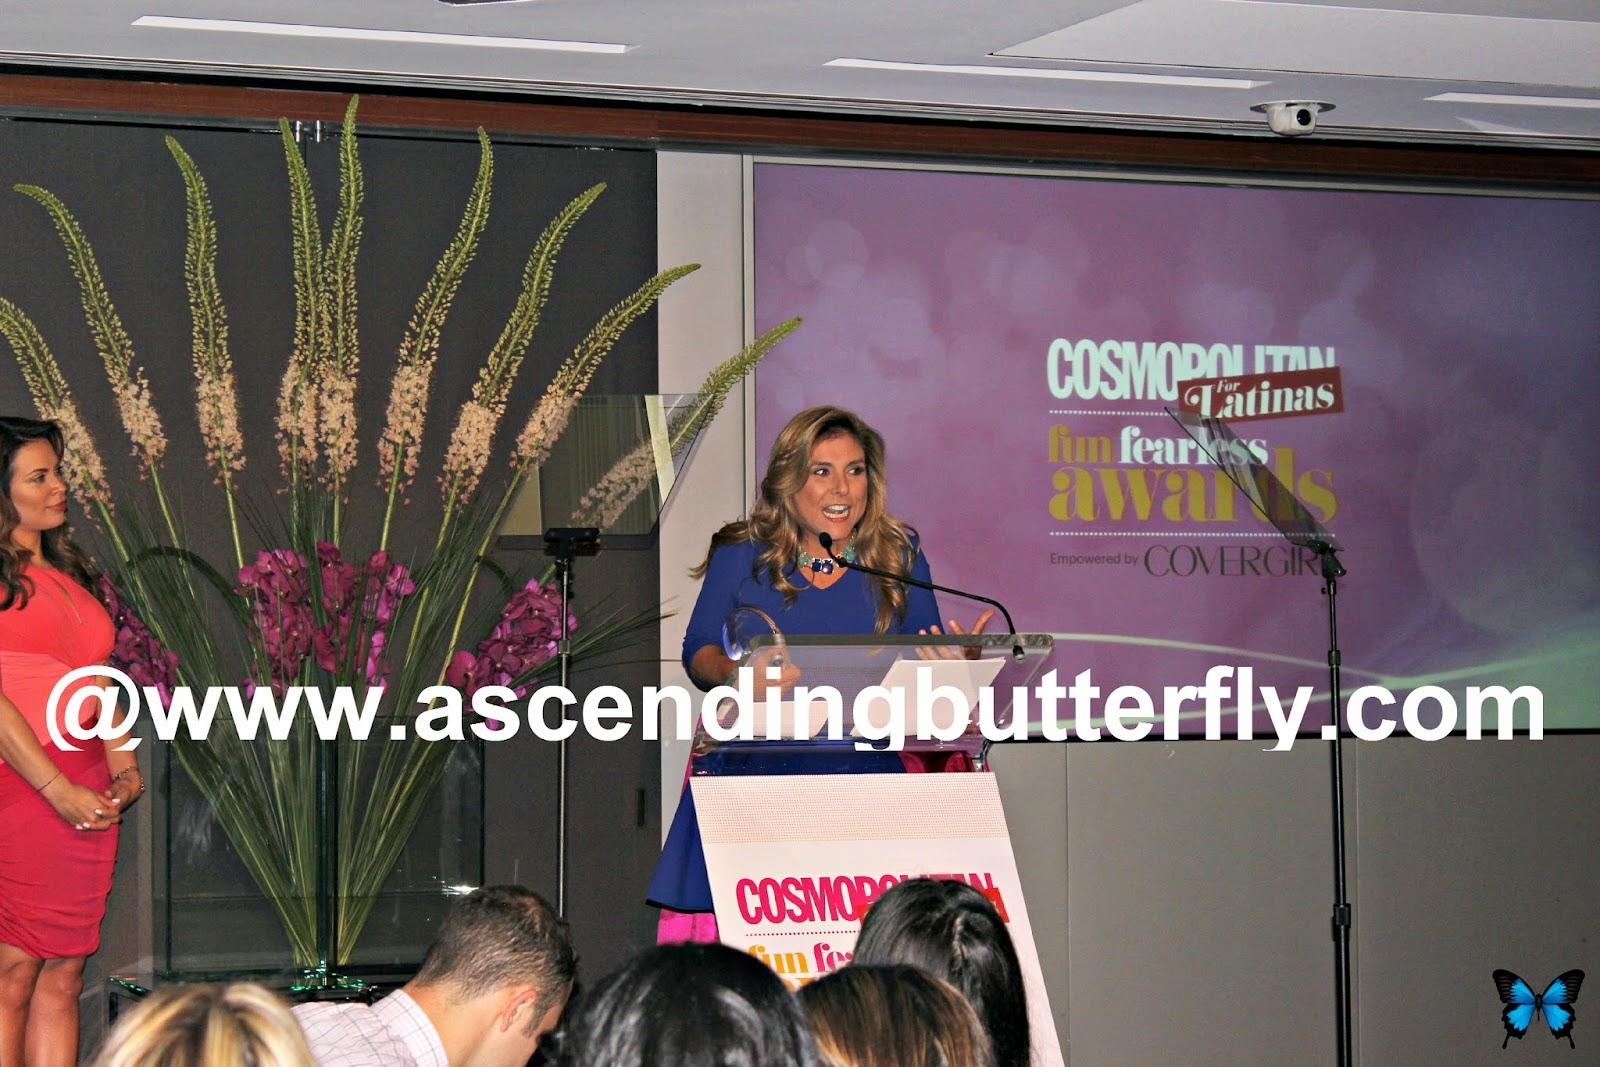 Chef Lorena Garcia accepts a Cosmopolitan for Latinas Fun Fearless Award in New York City